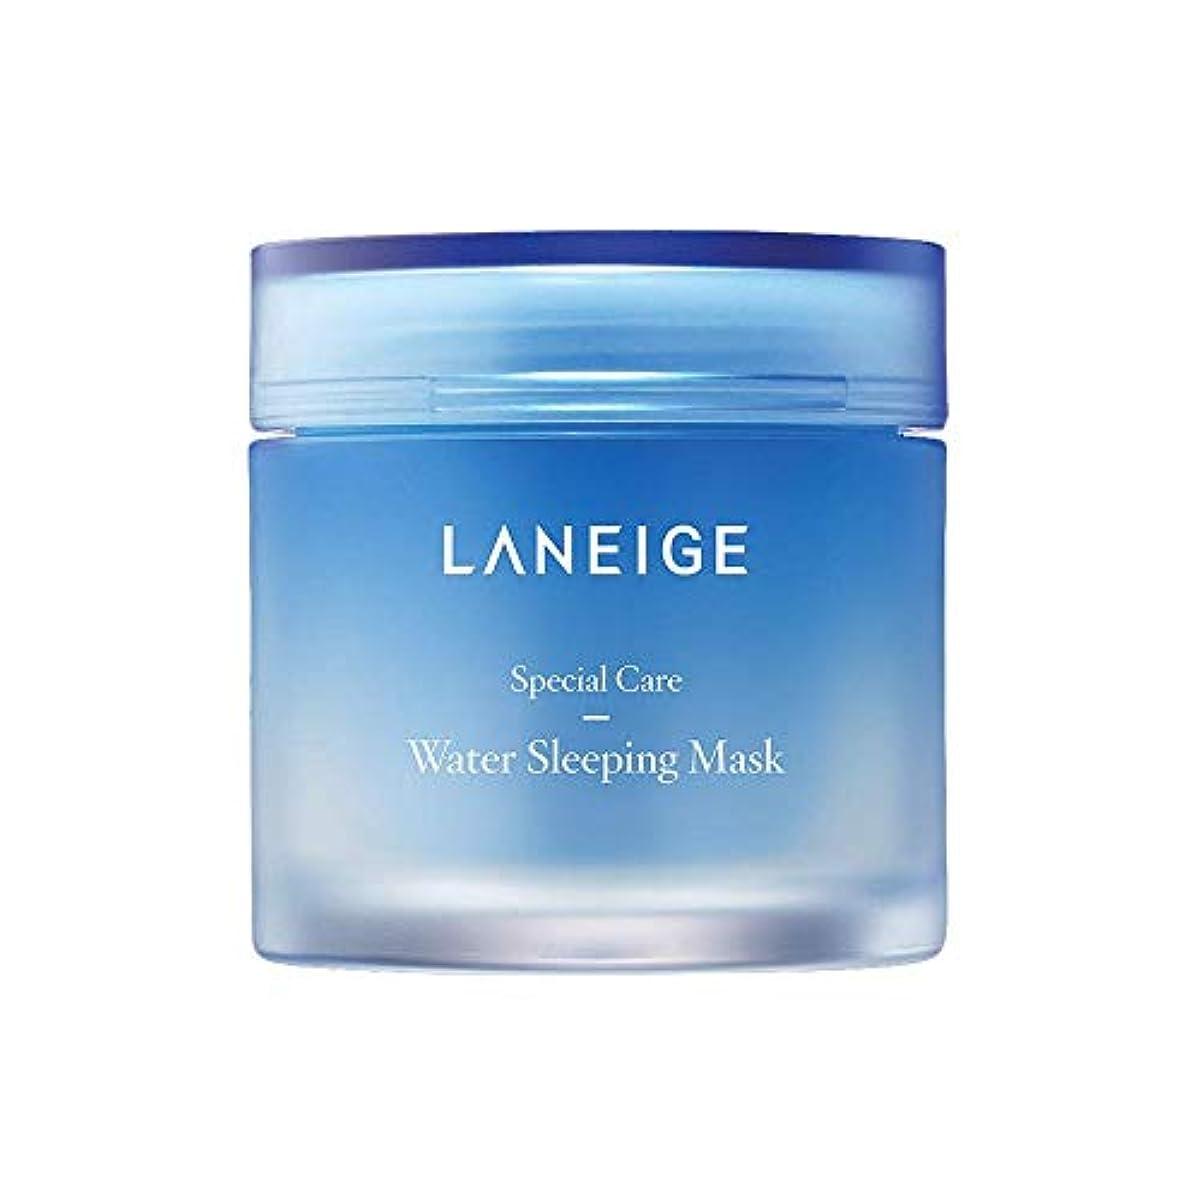 海外分配します真実Water Sleeping Mask 70ml/ウォーター スリーピング マスク 70ml [50個限定!人気商品のサンプルプレゼント!]